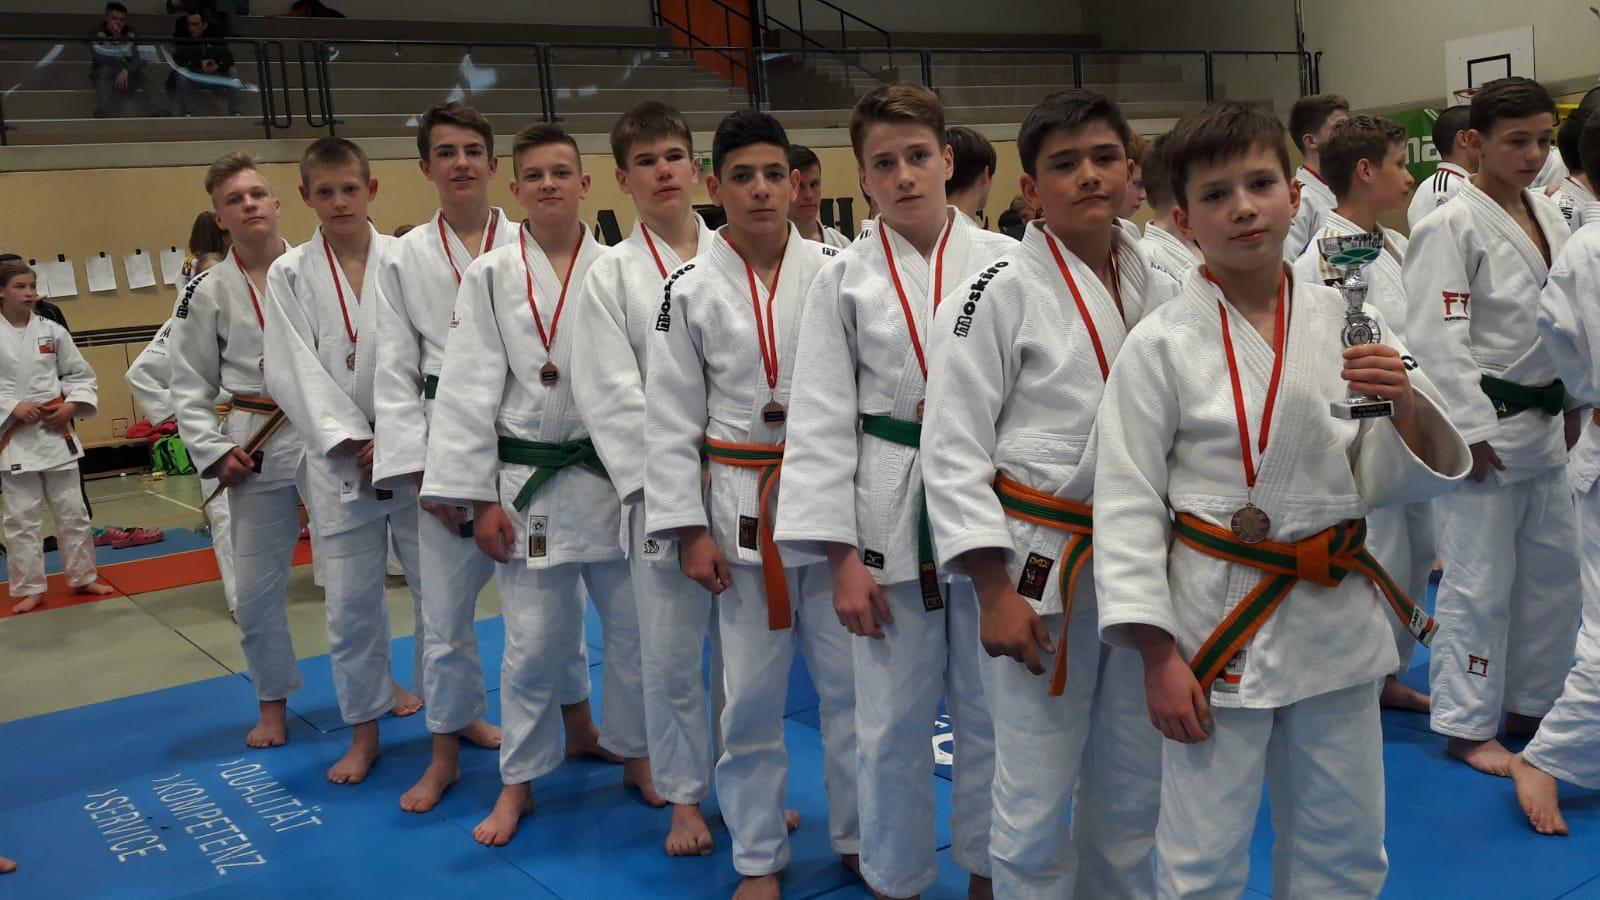 JCL Nachwuchs erfolgreich beim internationalen Turnier in Österreich